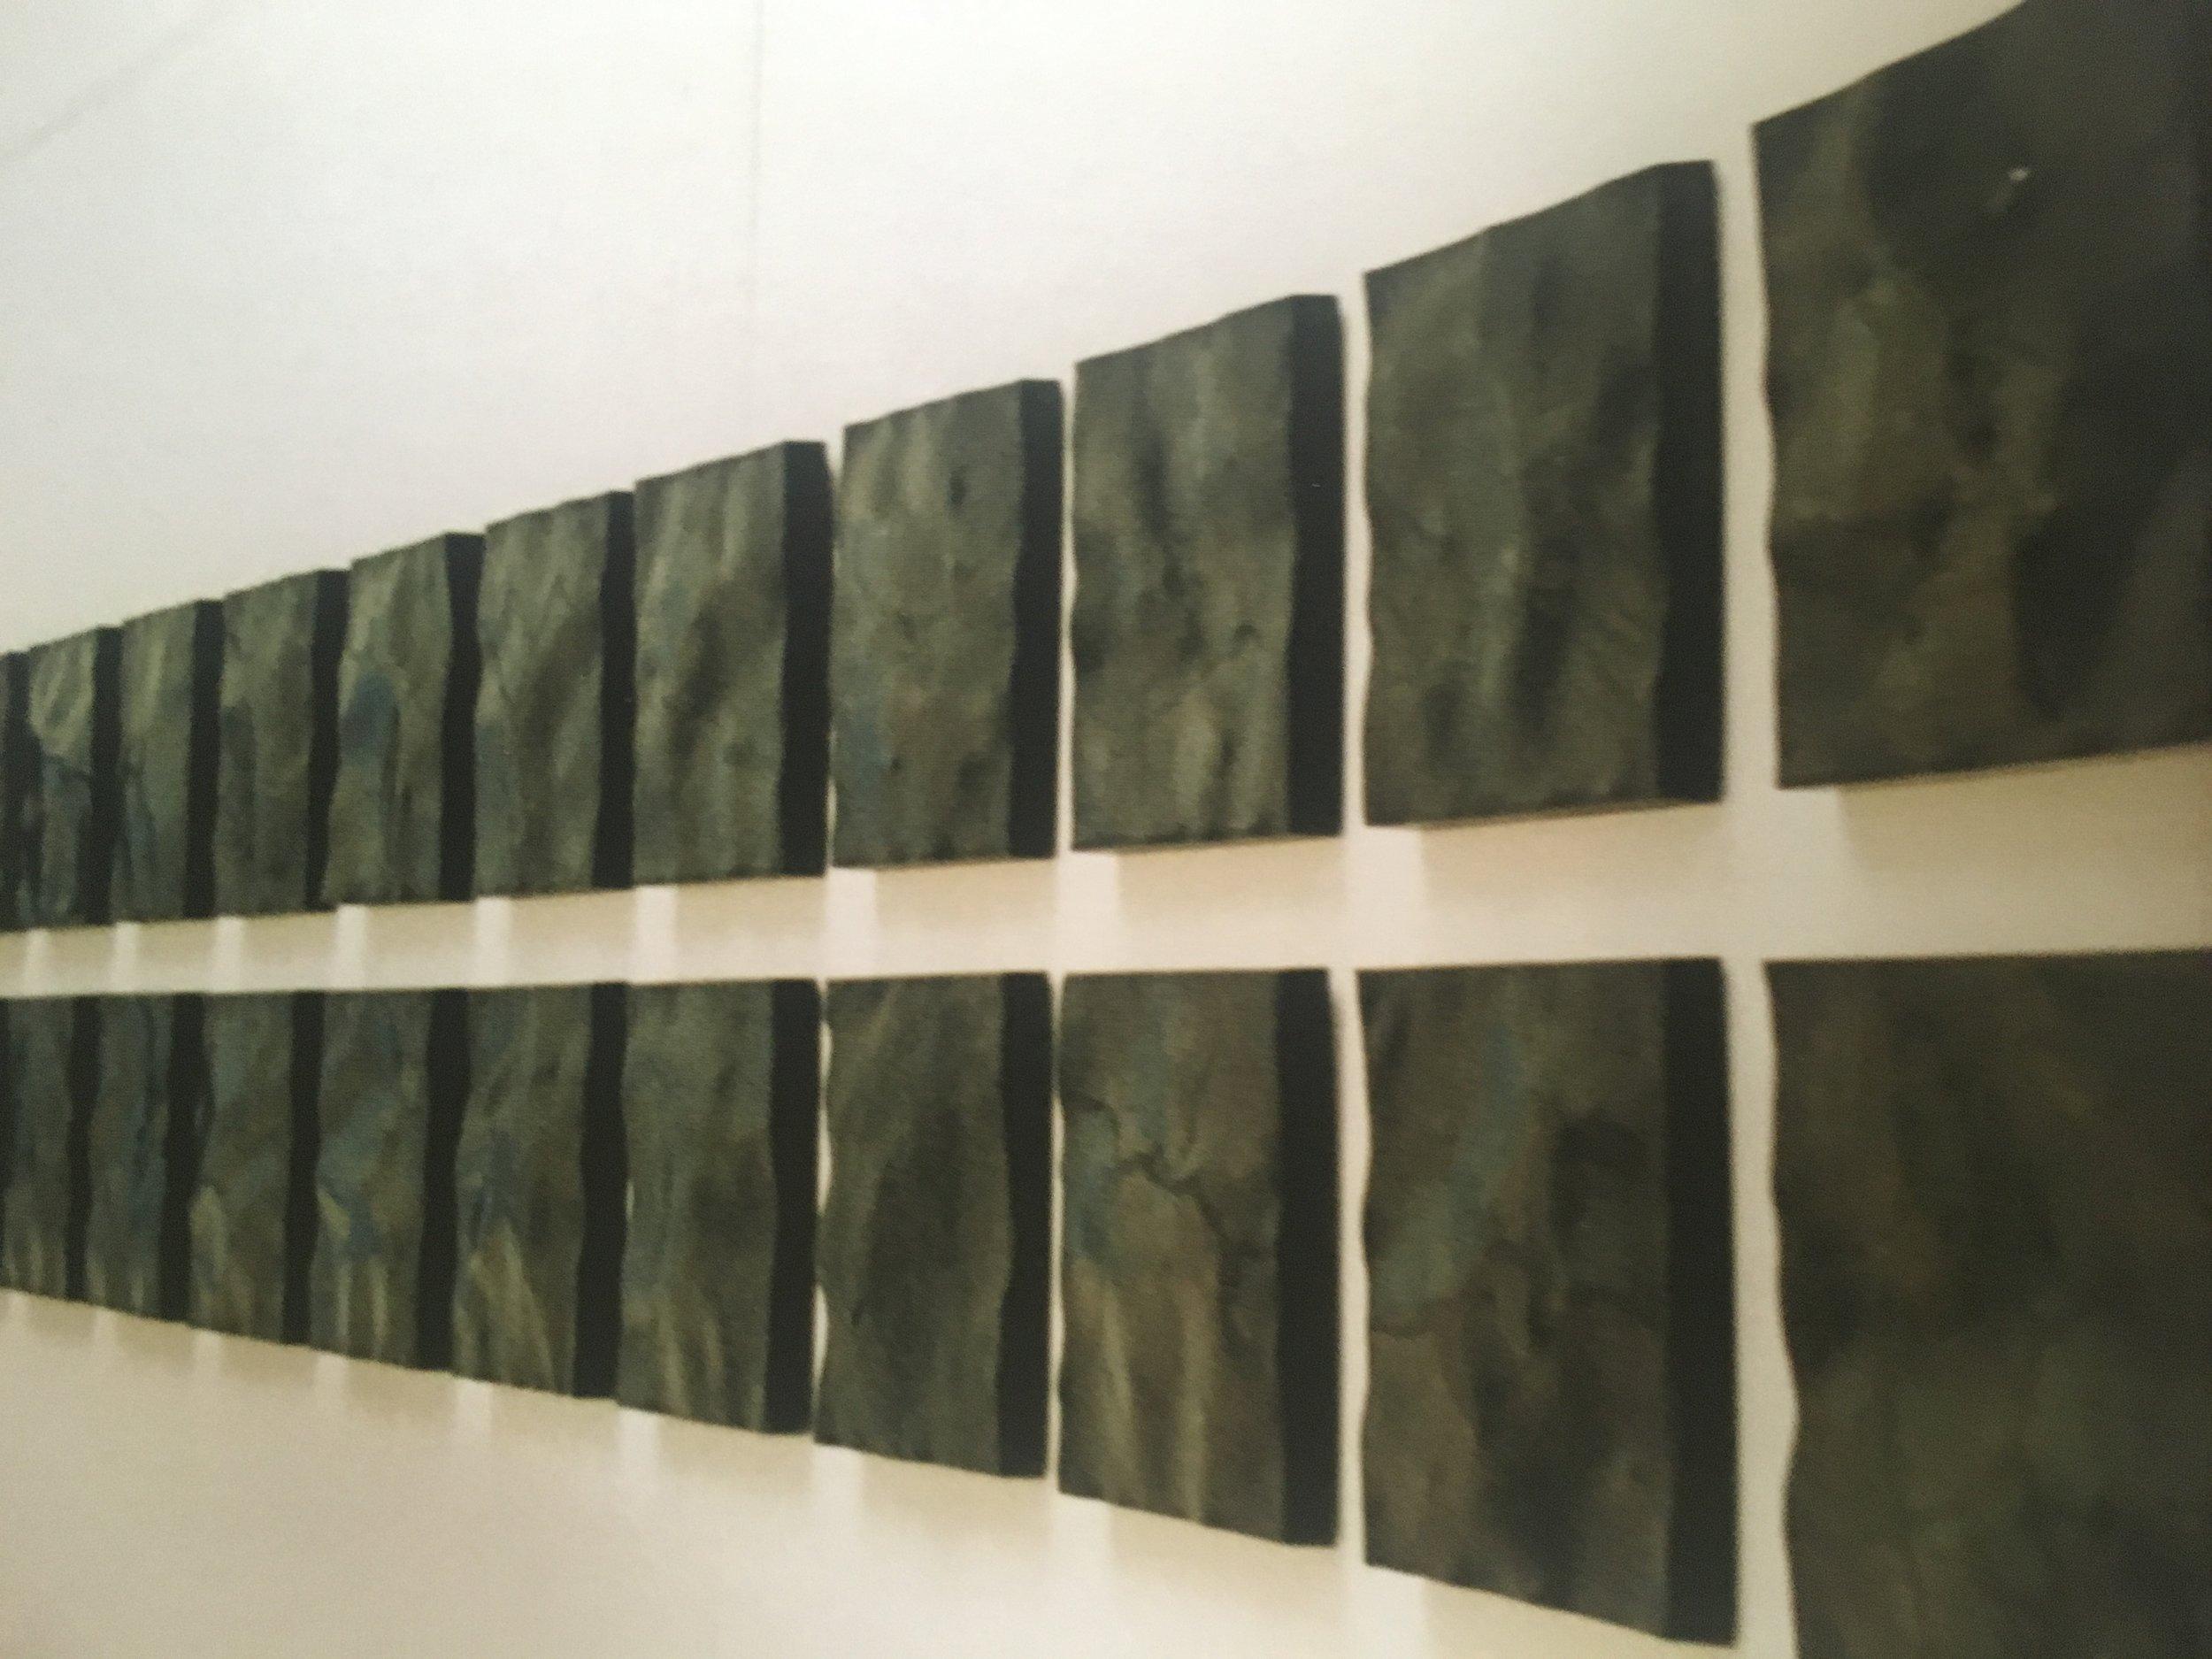 62 relieffer. Sortbrændt jern. Grønningen. Hver 44x40 cm. 2002.